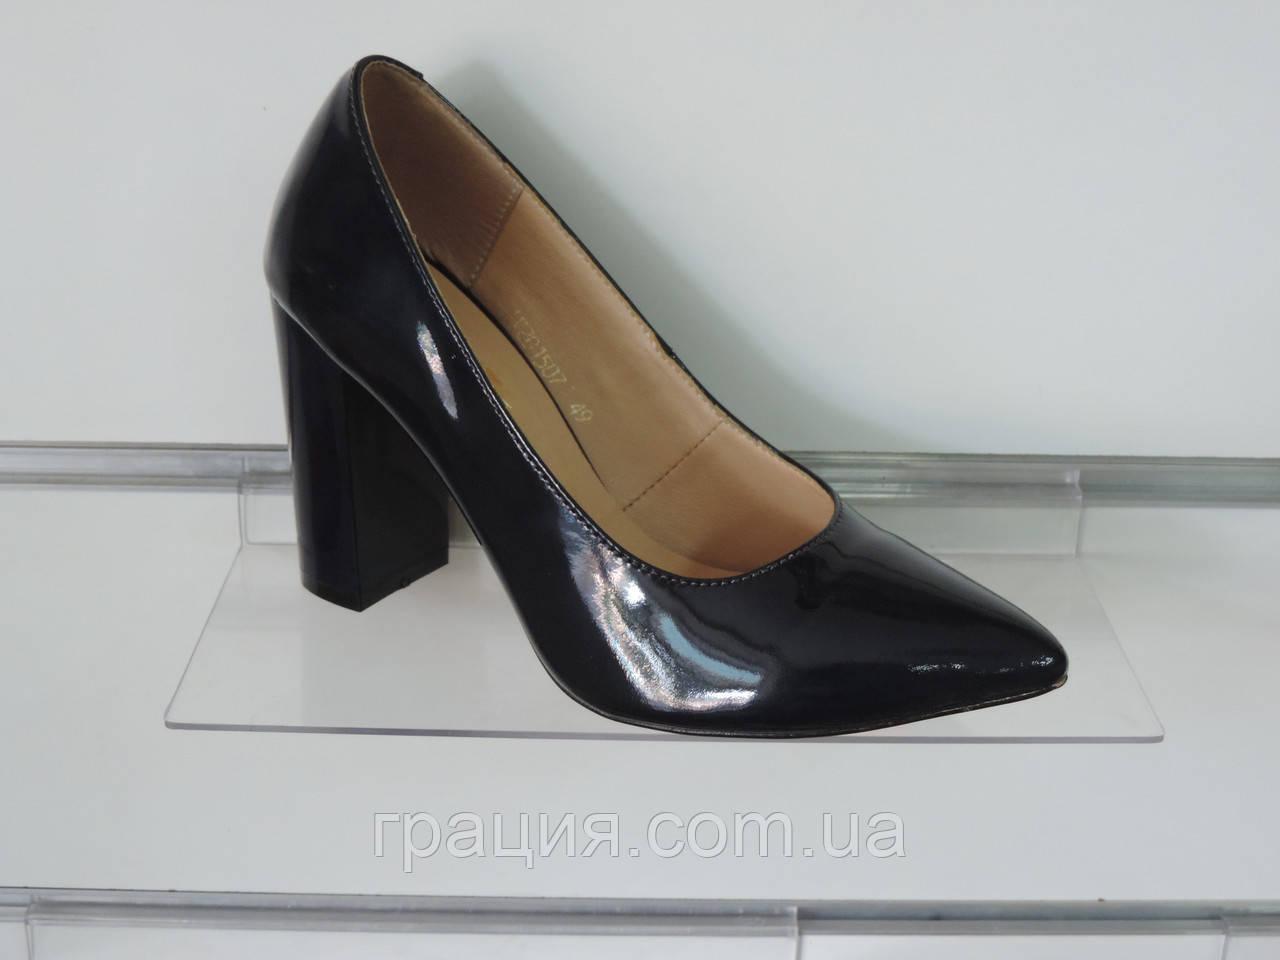 f108017c2a60 Туфли женские лаковые натуральные на каблуке темно-синие  продажа ...